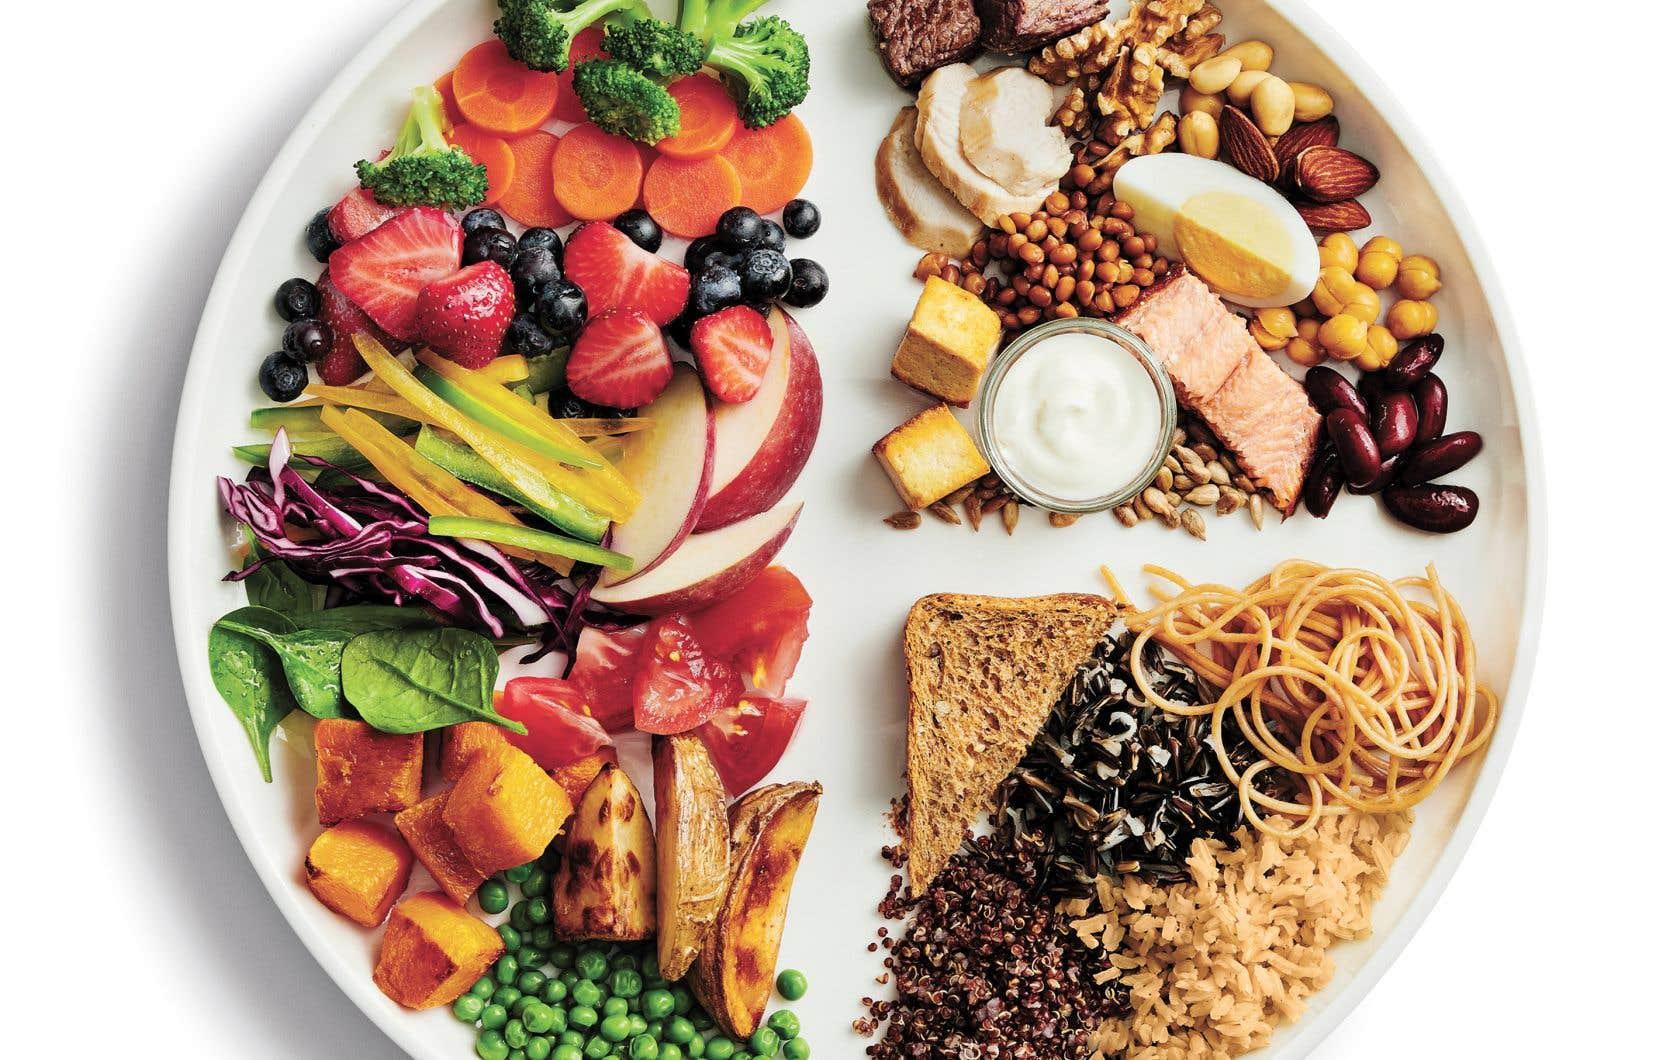 Au-delà de ses recommandations de base, le nouveau <em>Guide alimentaire canadien</em> s'attarde sur le plaisir et sur l'acte même de manger, signalant au passage l'importance de bien prendre conscience de nos habitudes alimentaires.